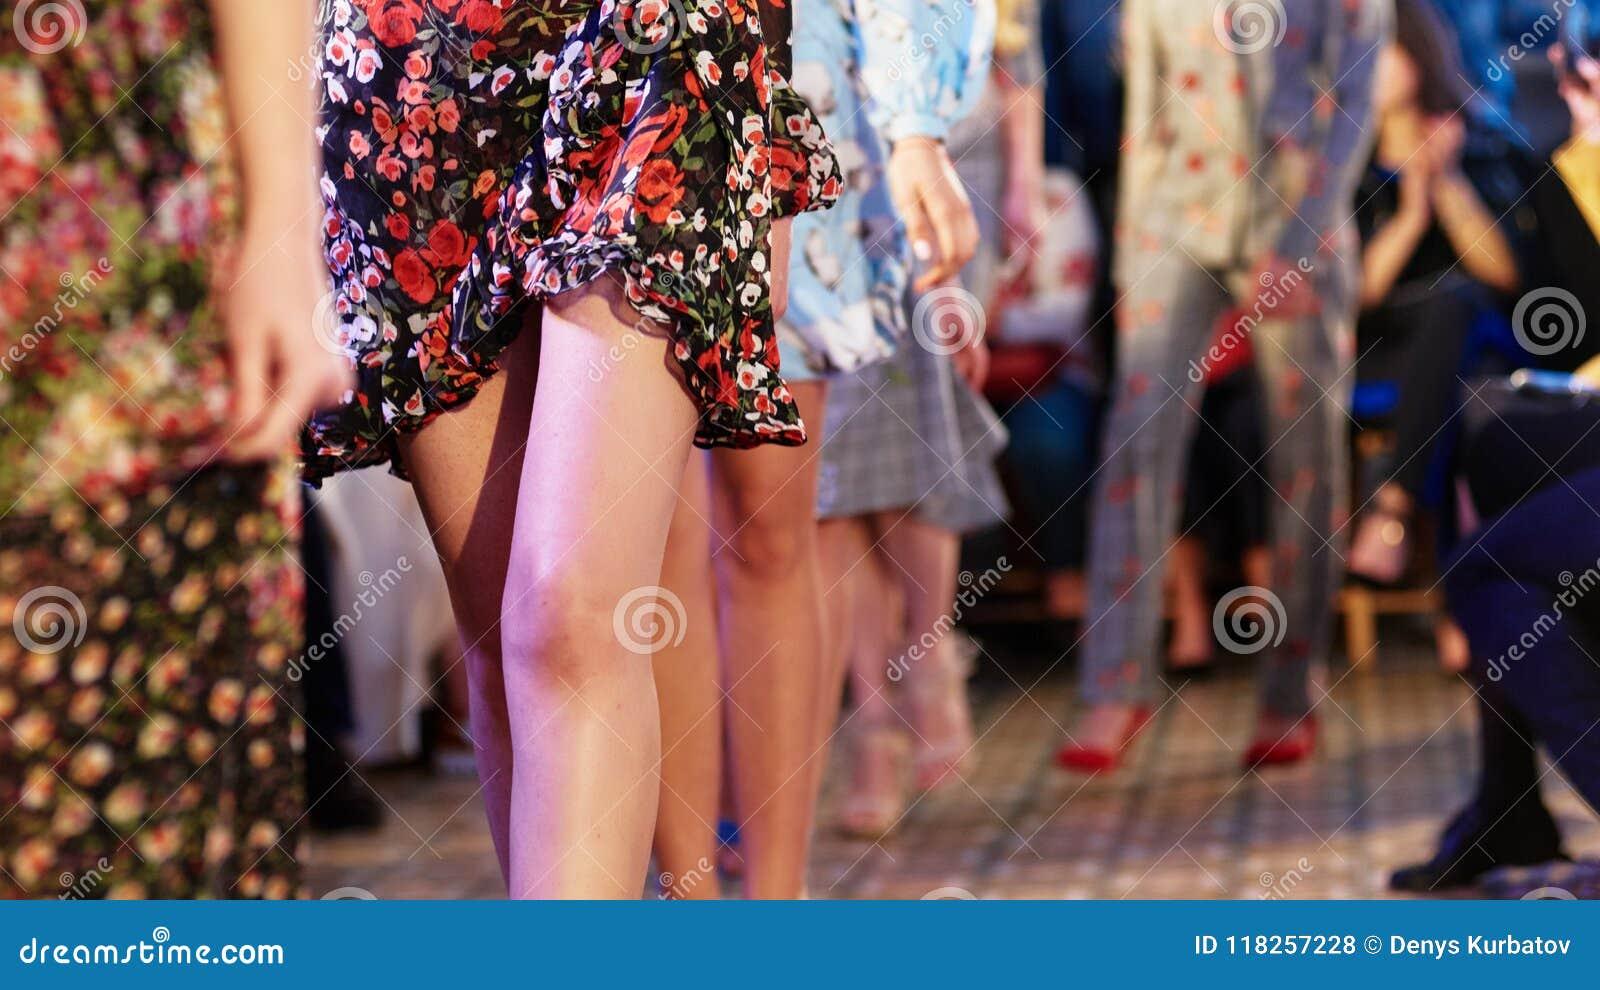 Defile on fashion week